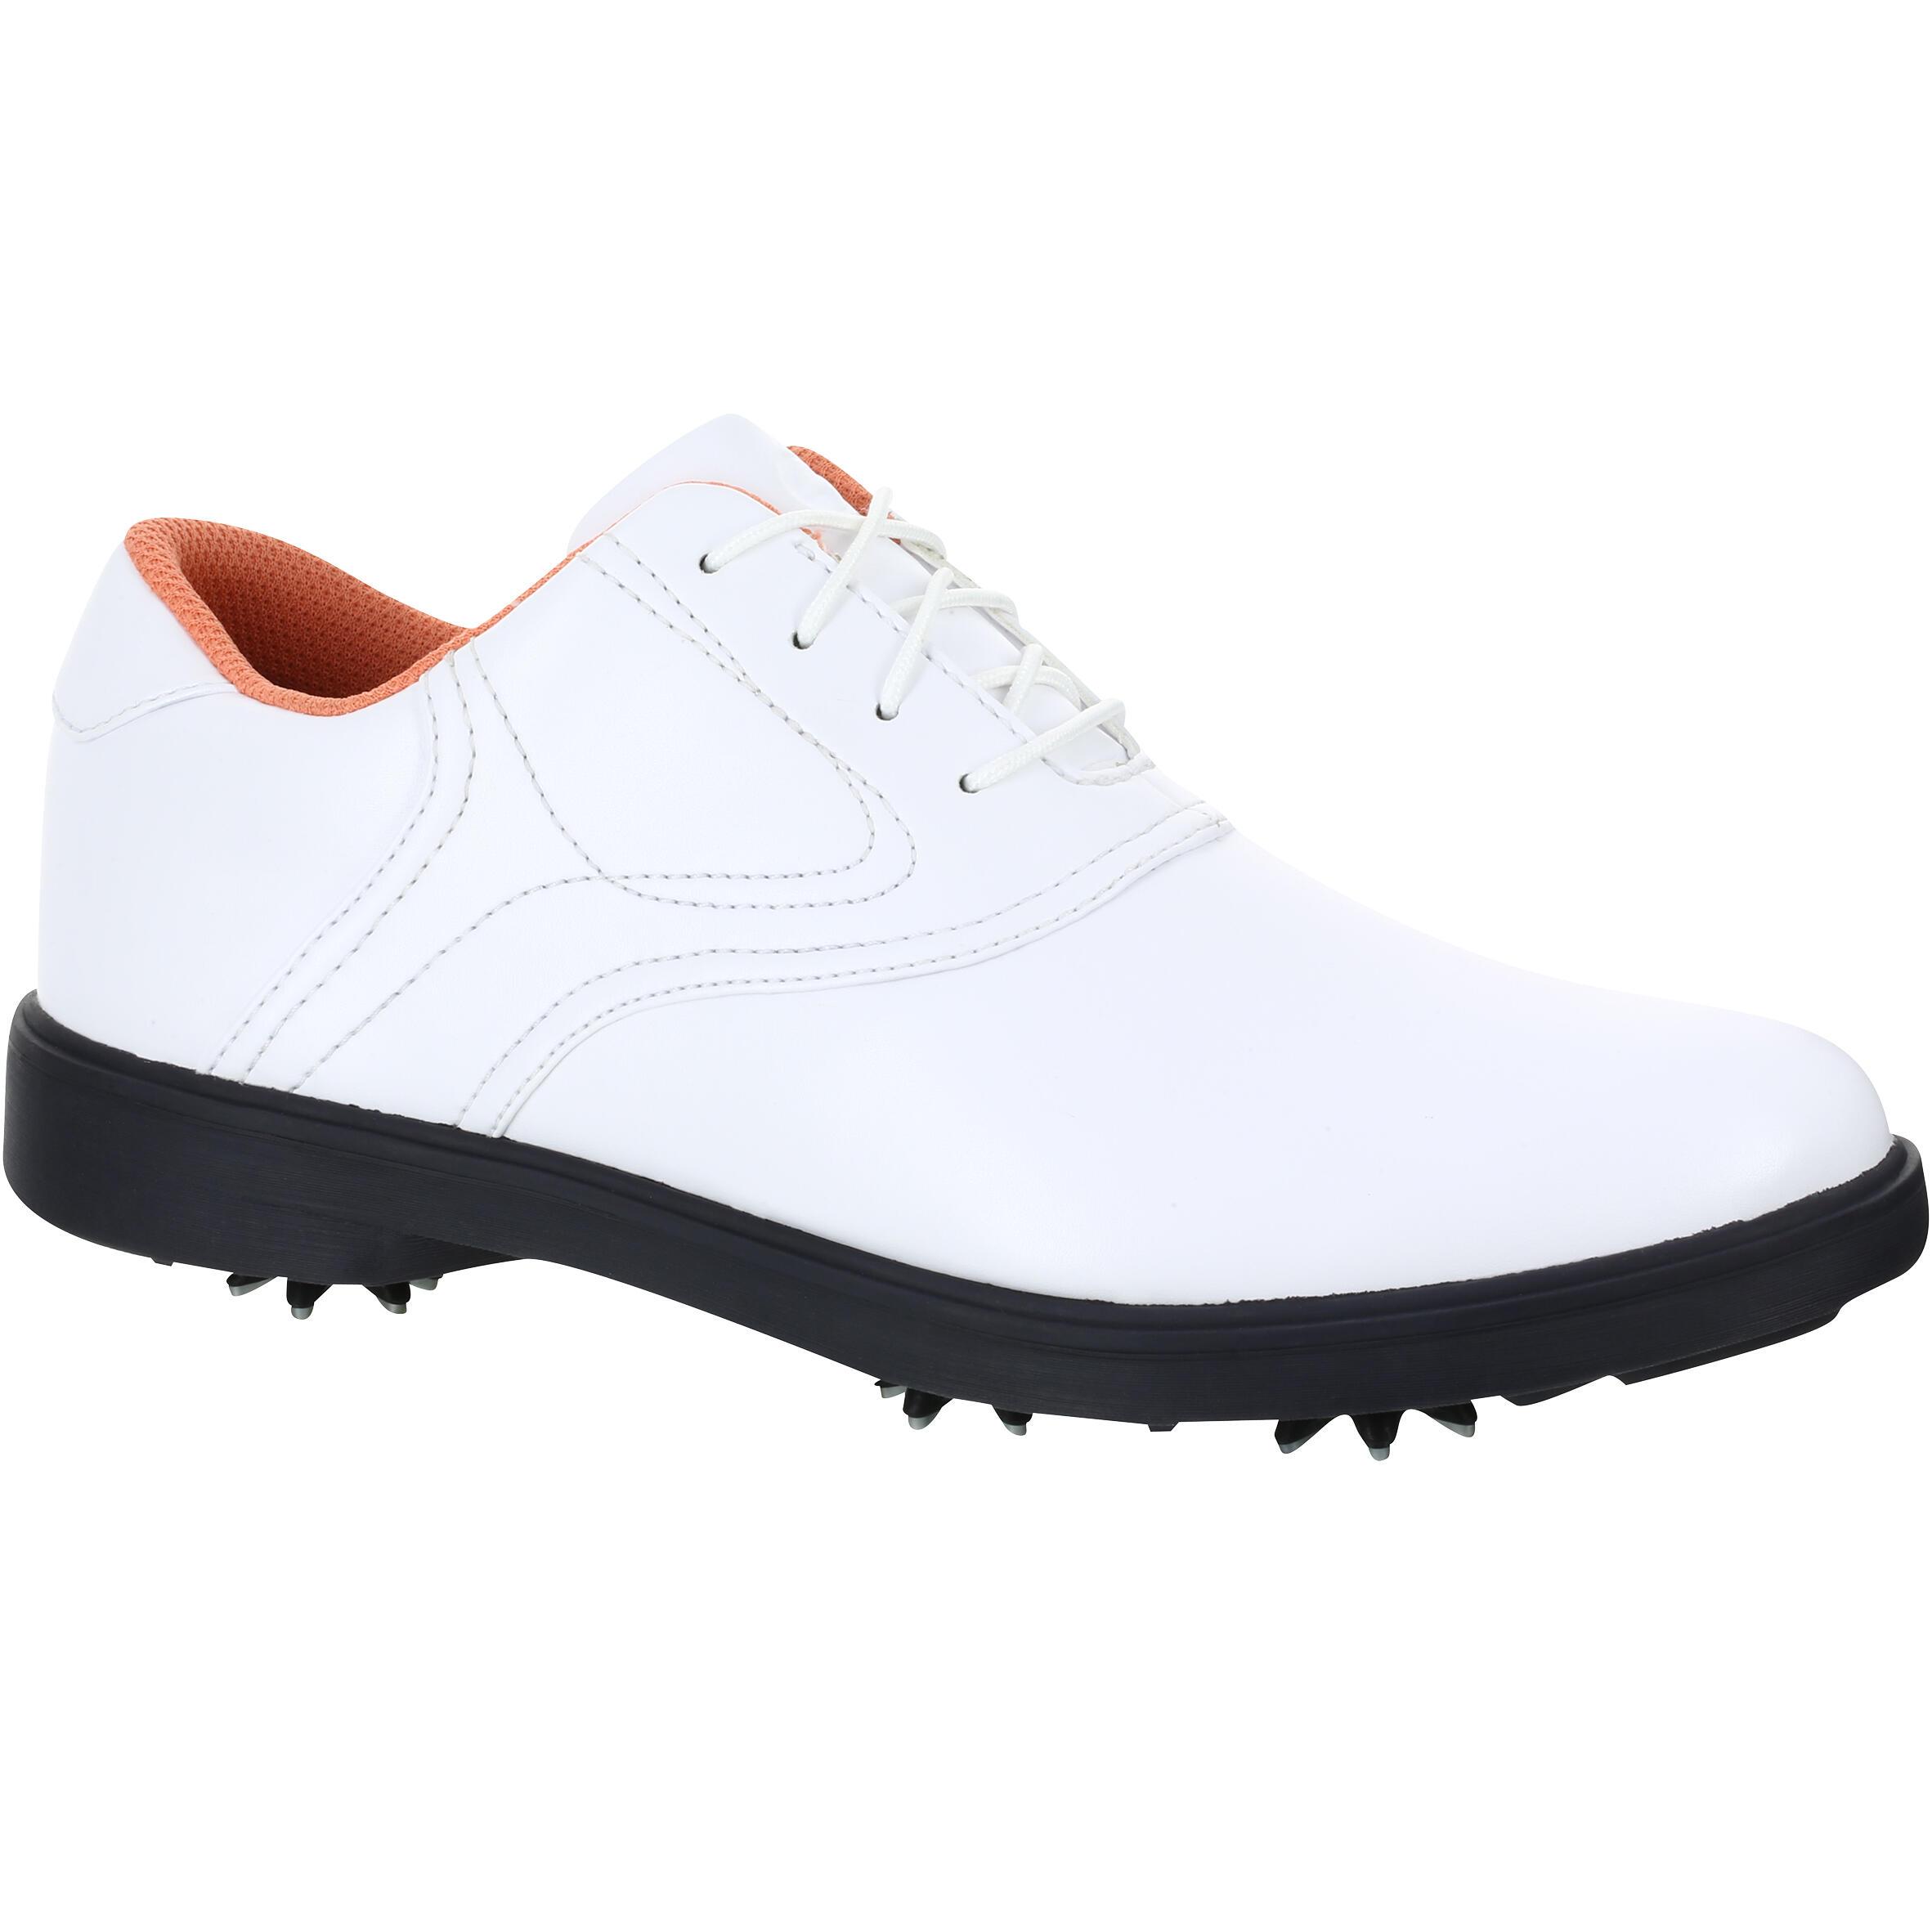 2185501 Inesis Golfschoenen Spike 500 voor dames wit